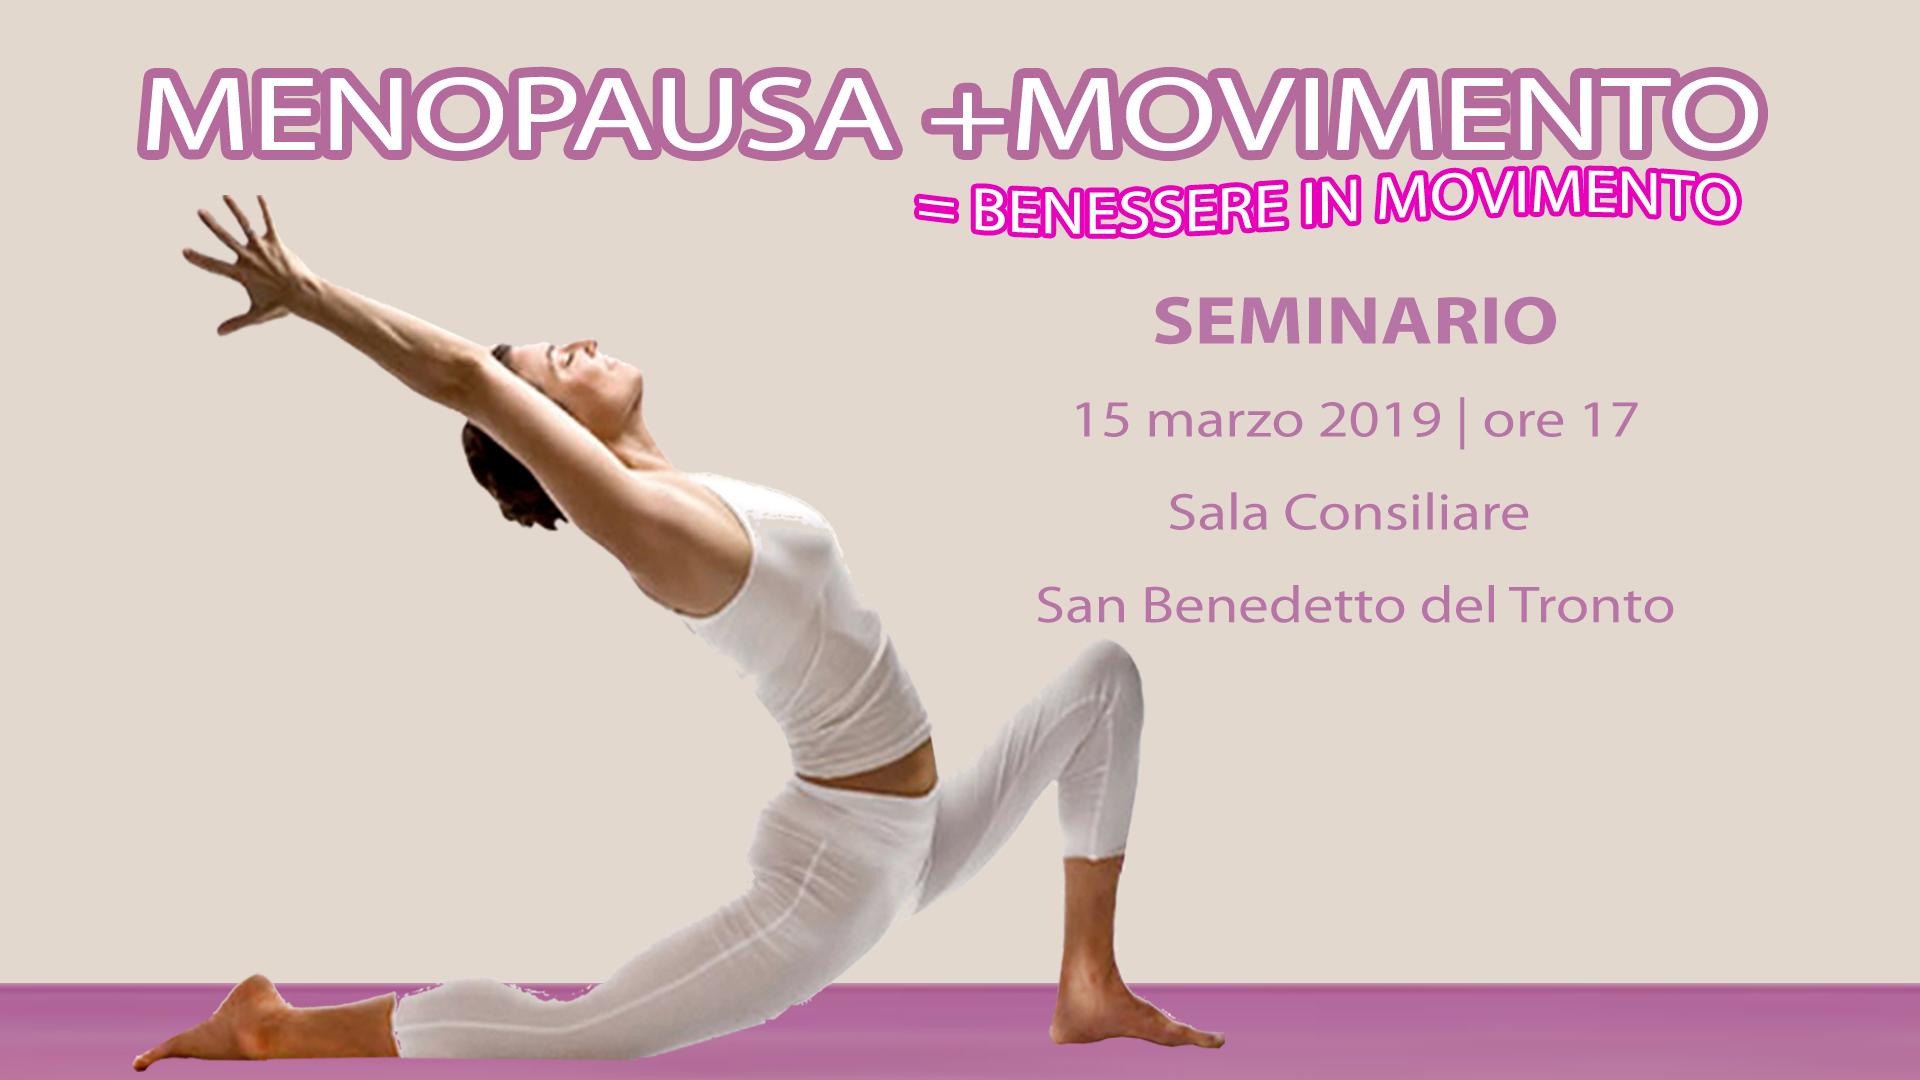 MENOPAUSA +MOVIMENTO= Benessere in movimento